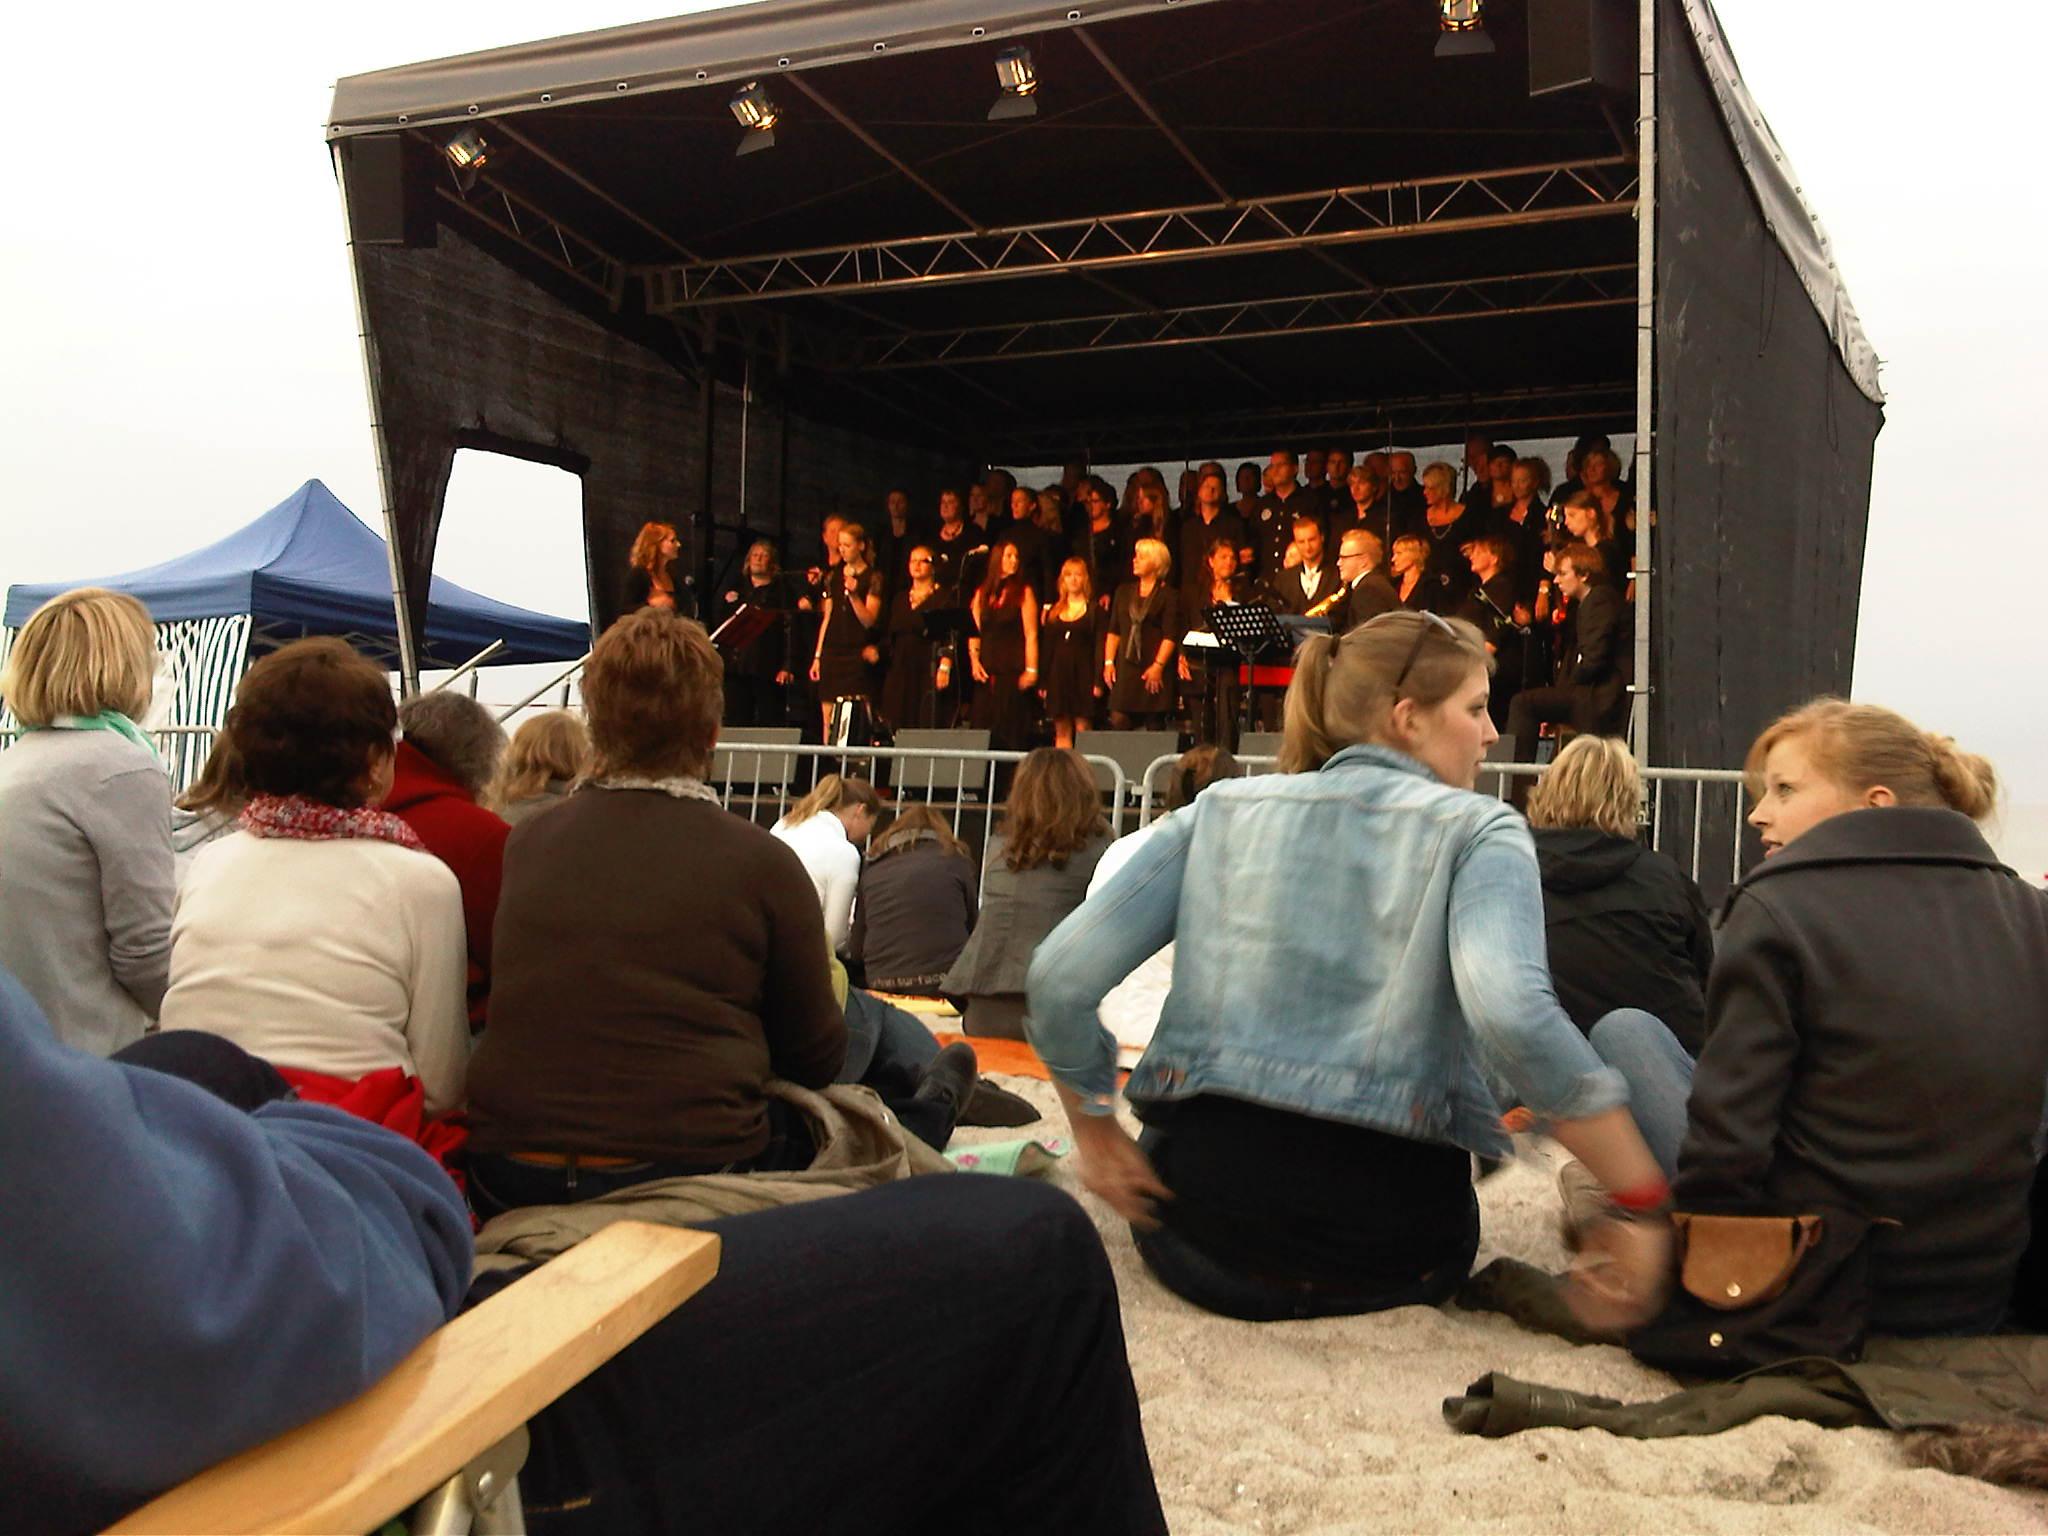 Gospelnacht am Strand 2012